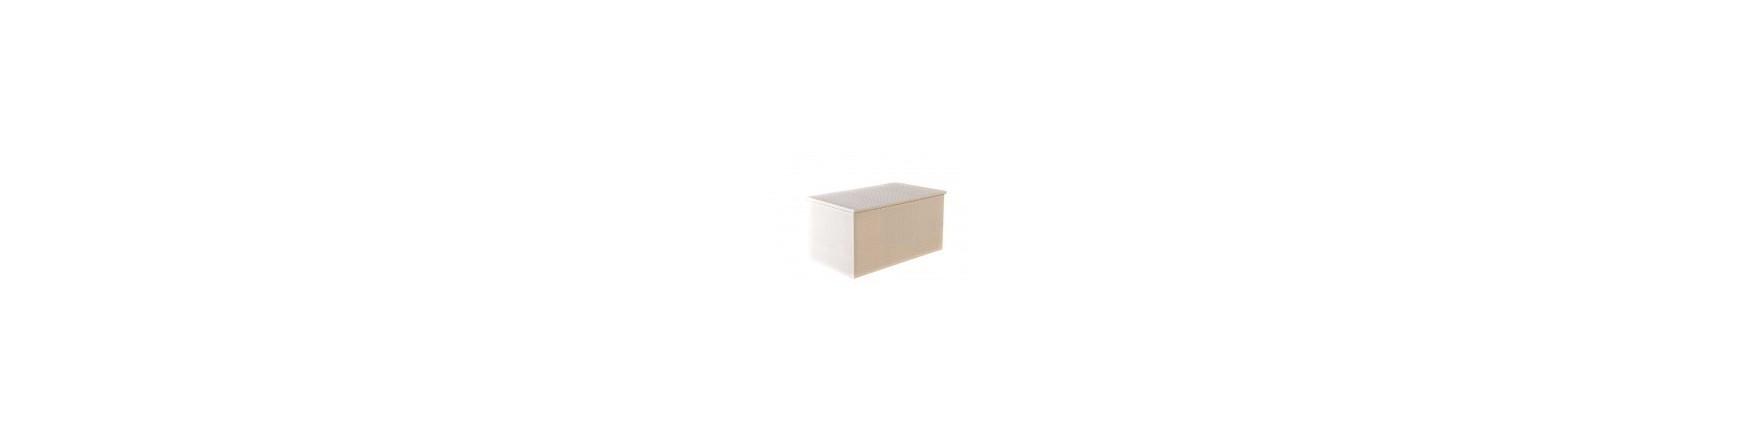 Auflagenboxen